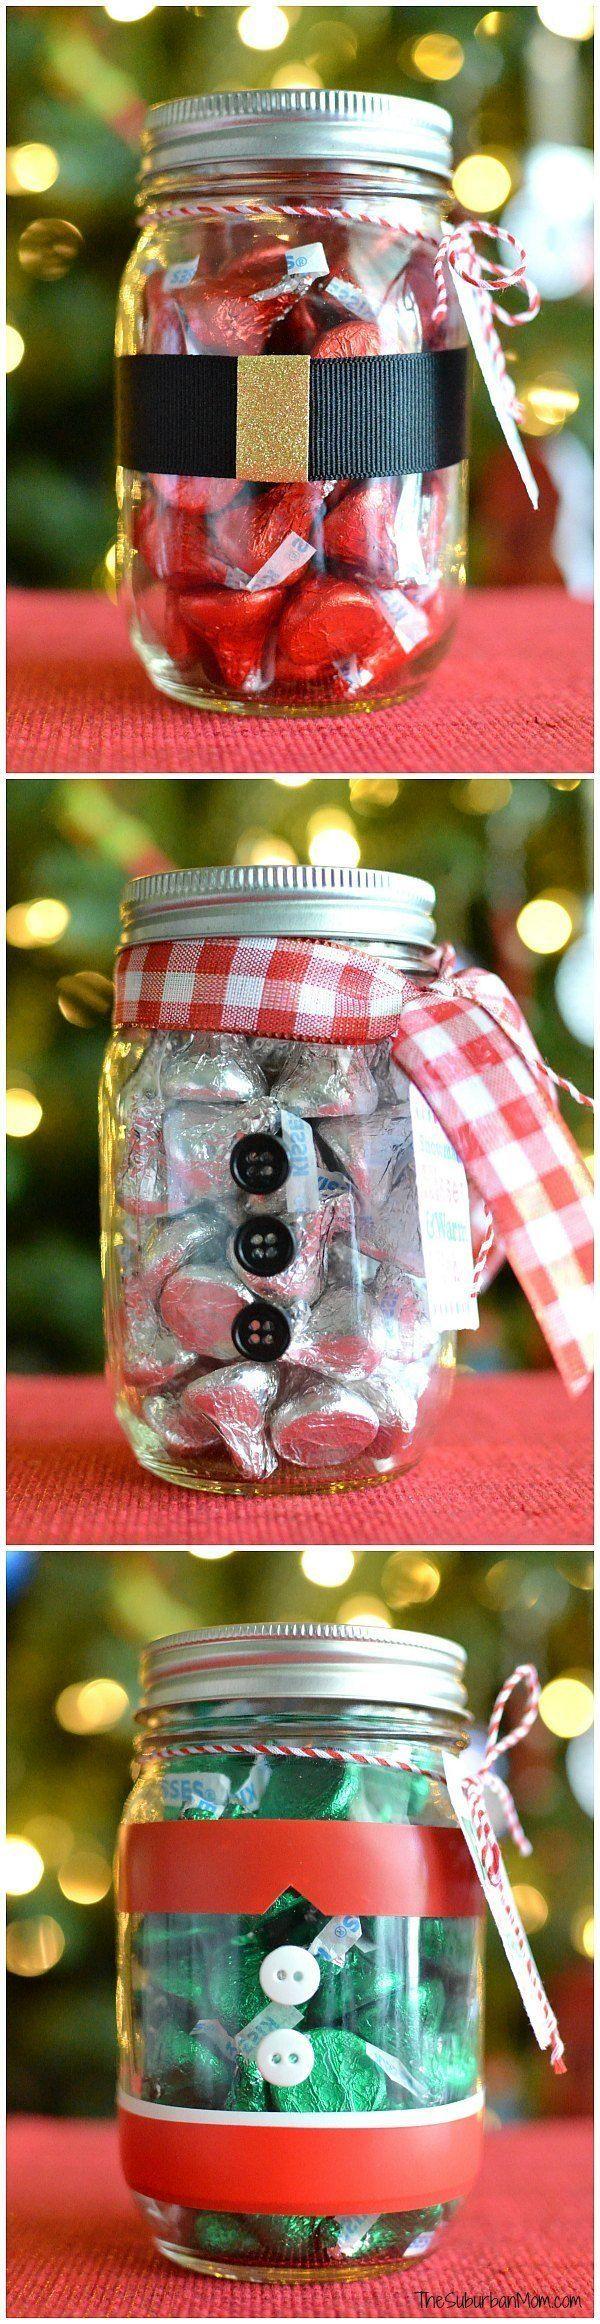 Mason Jar Christmas Gifts  Free Printable Tag Mason Jar Christmas Gifts  Free Printable Tag